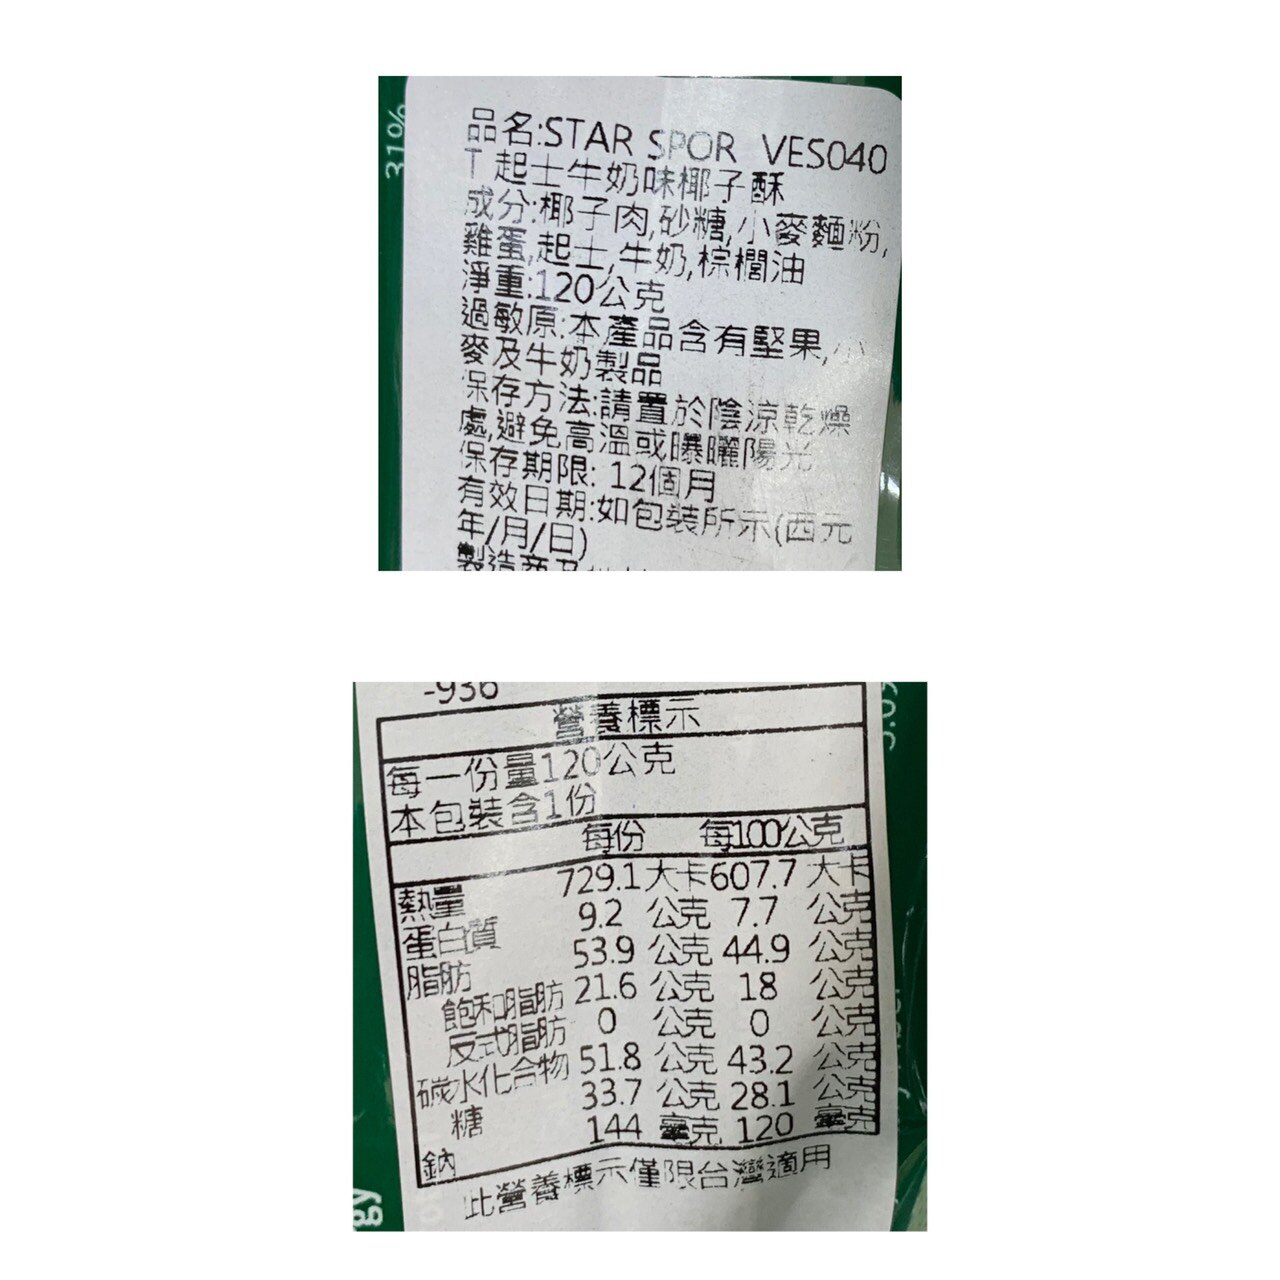 {泰菲印越} 越南 中越泰 star sport 起司牛奶椰子酥 120克